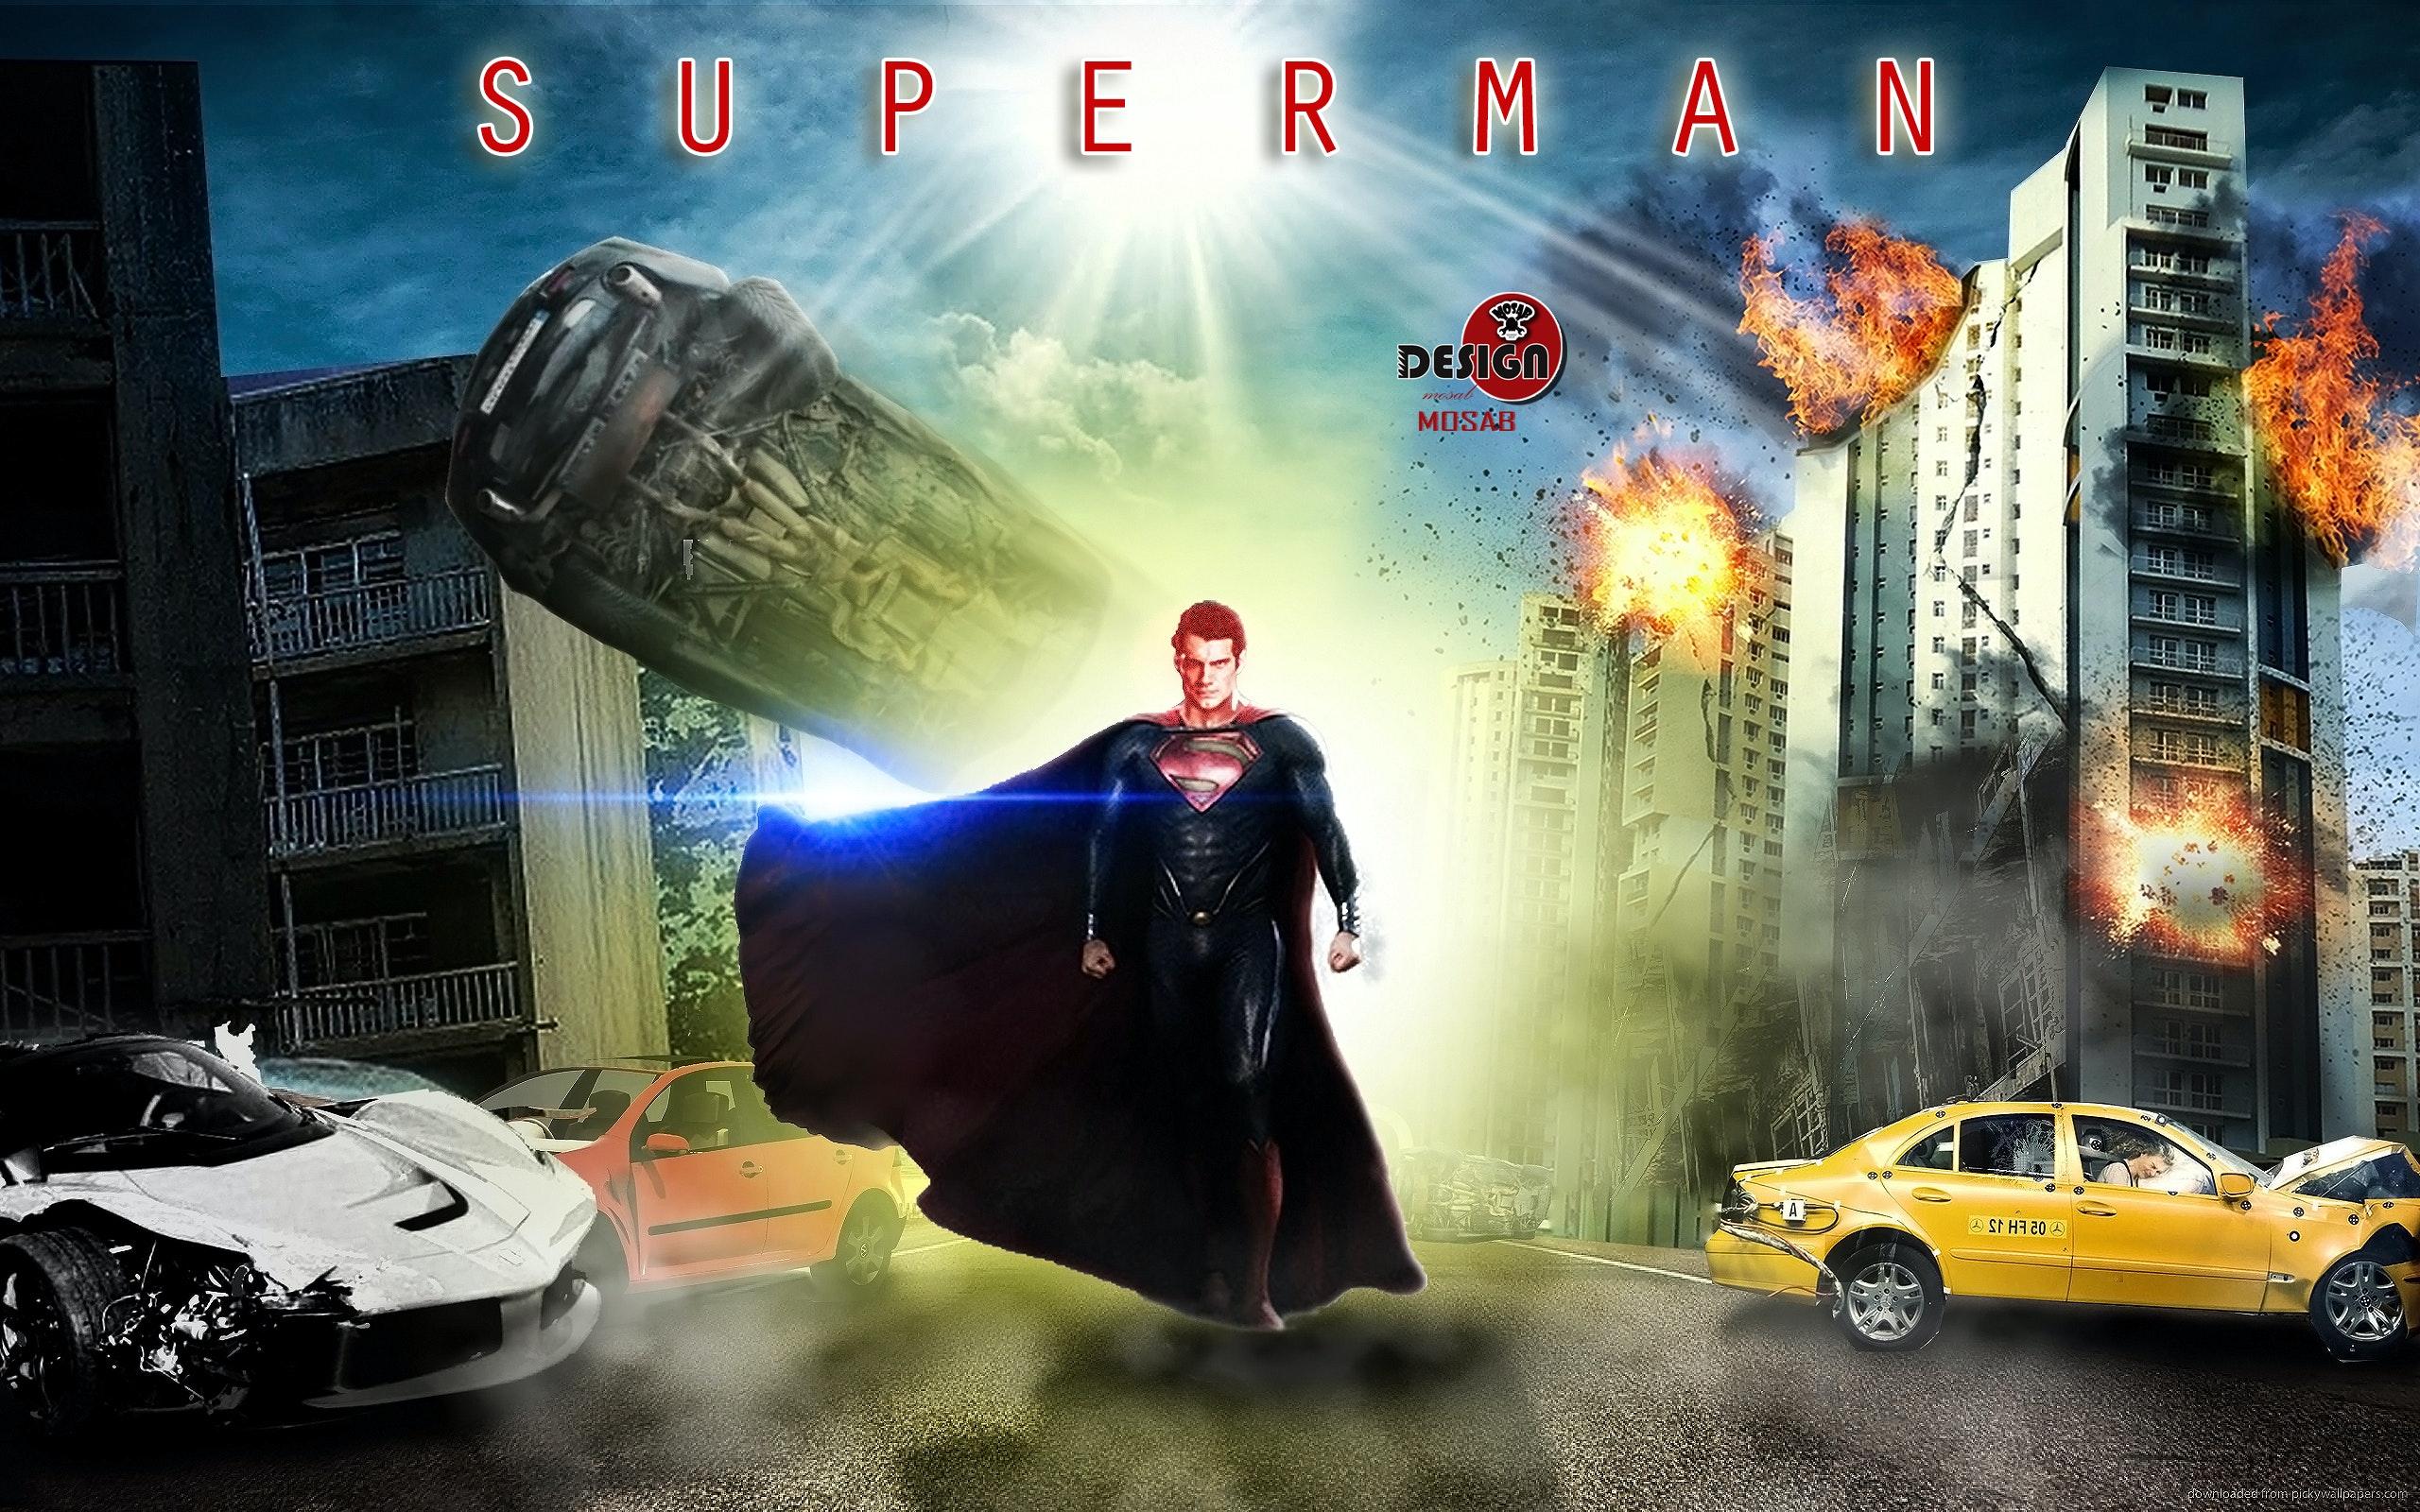 سوبرمان(2)